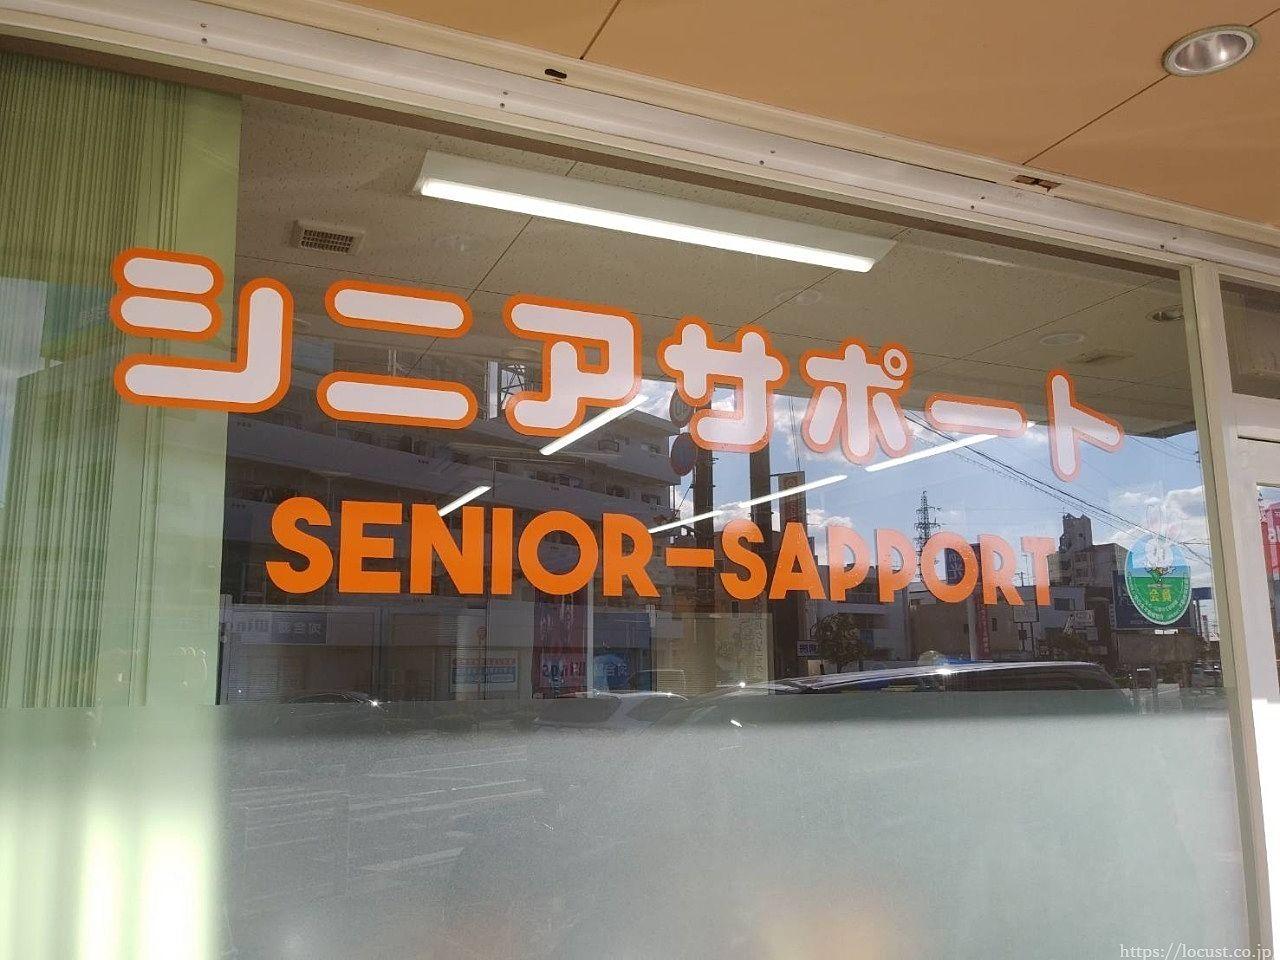 大府市、東浦町で高齢者のお手伝いをする、シニアサポート大府店 カッティングシートで店舗看板を貼りました!